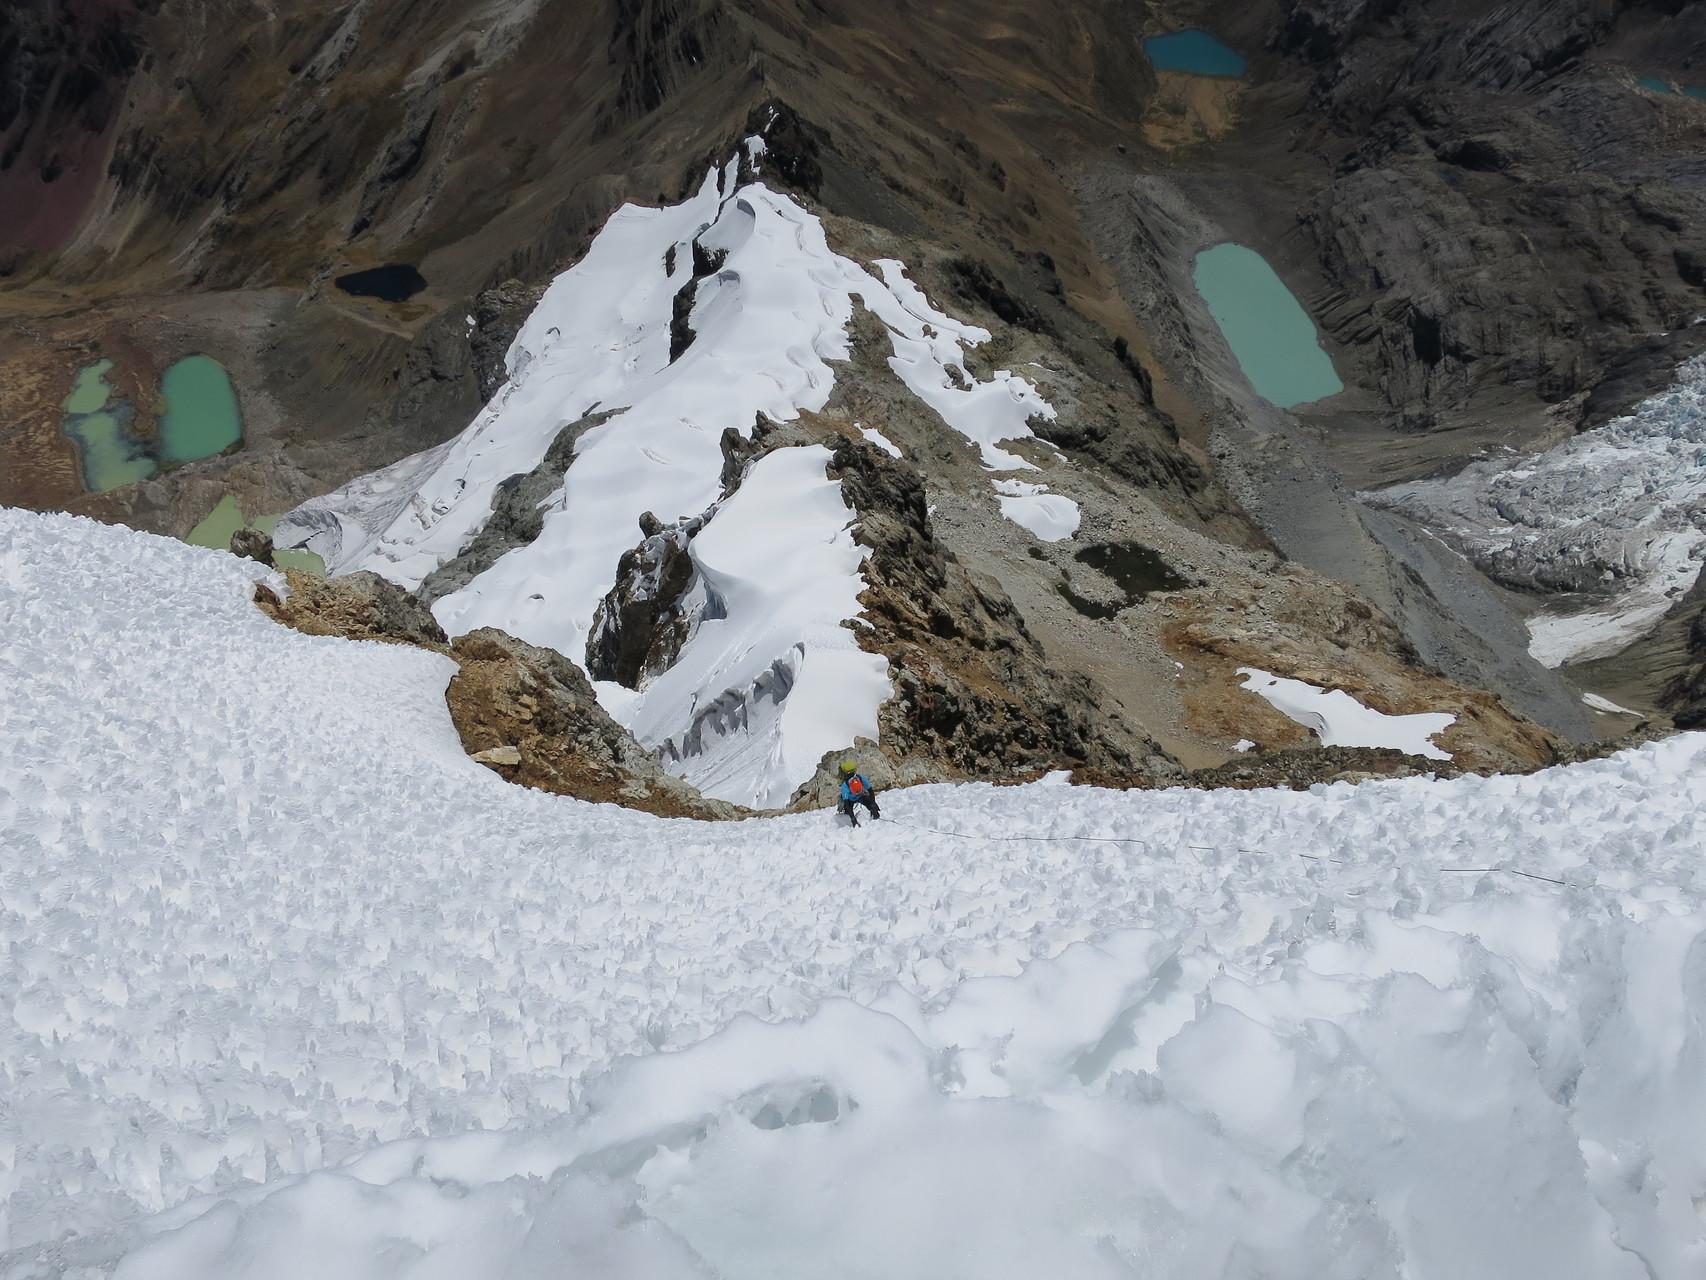 Am Gipfelfirnfeld, erkennbar der Büsserschnee